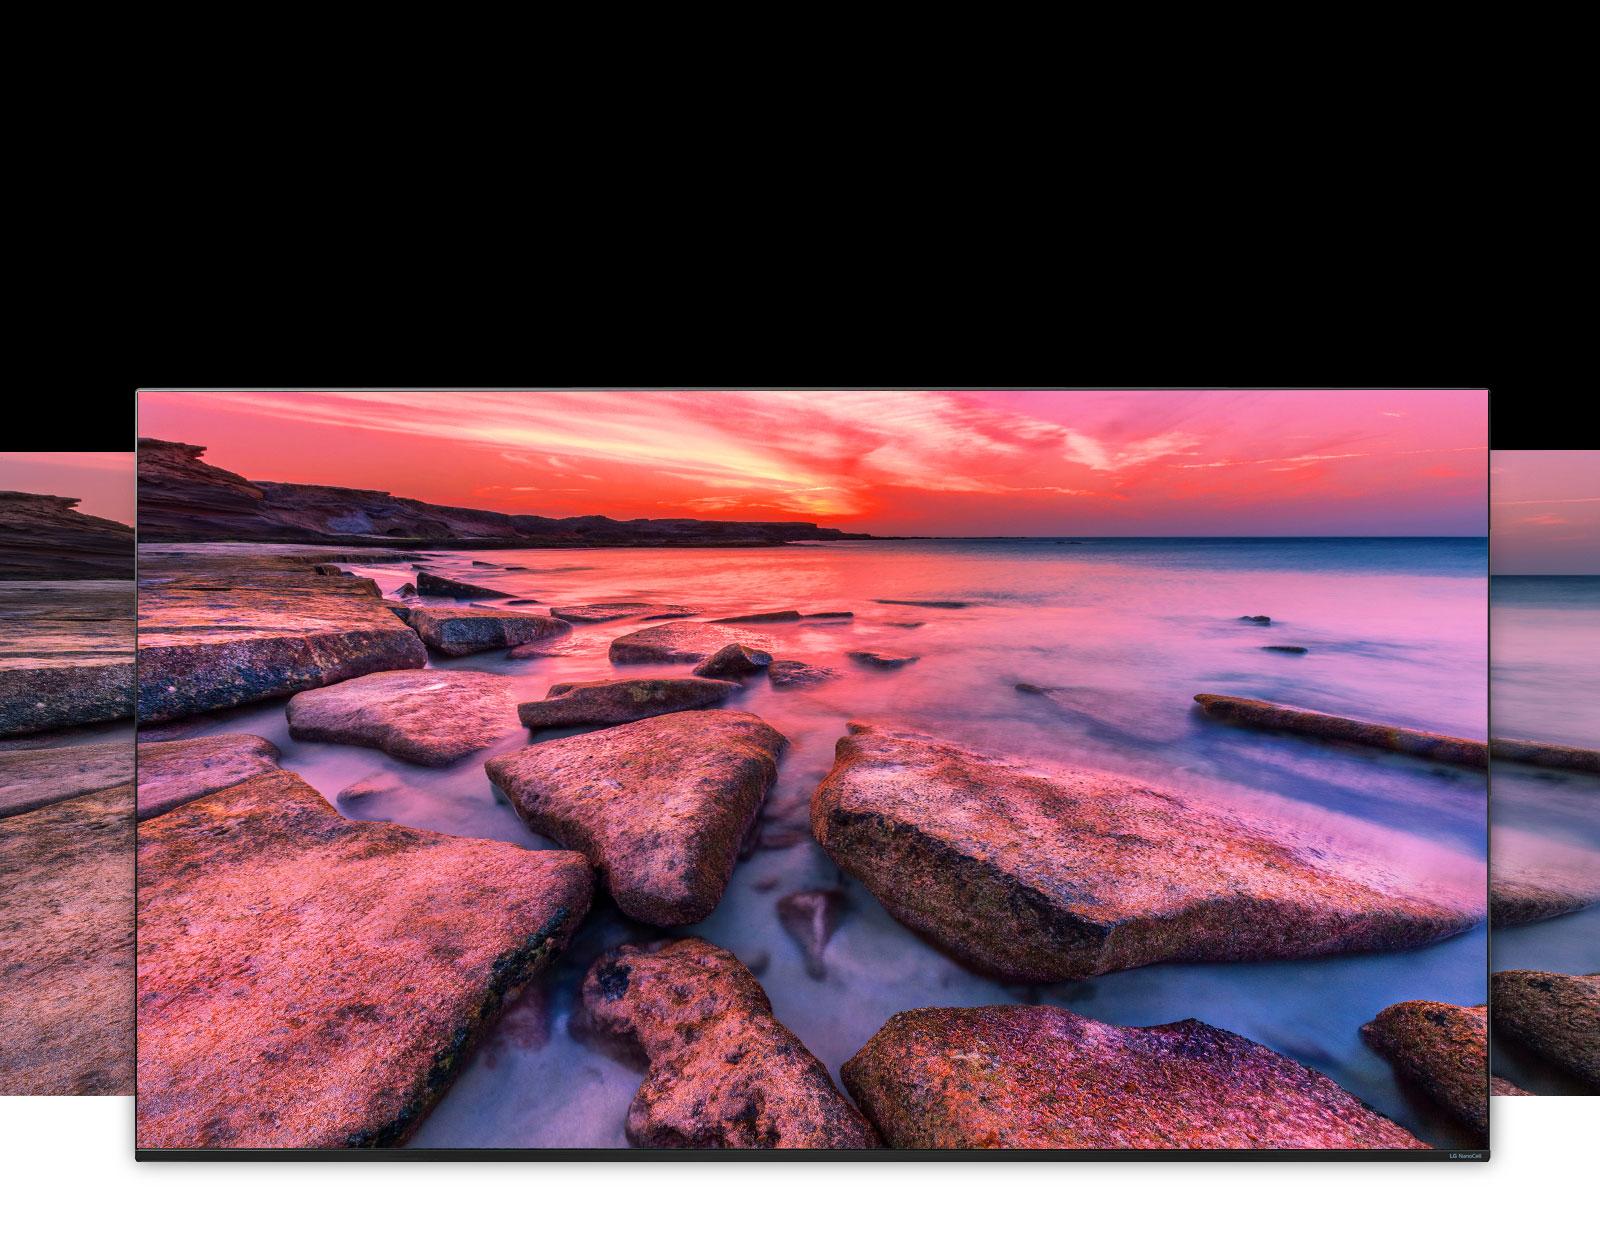 Una pantalla de TV que muestra una vista panorámica de la naturaleza